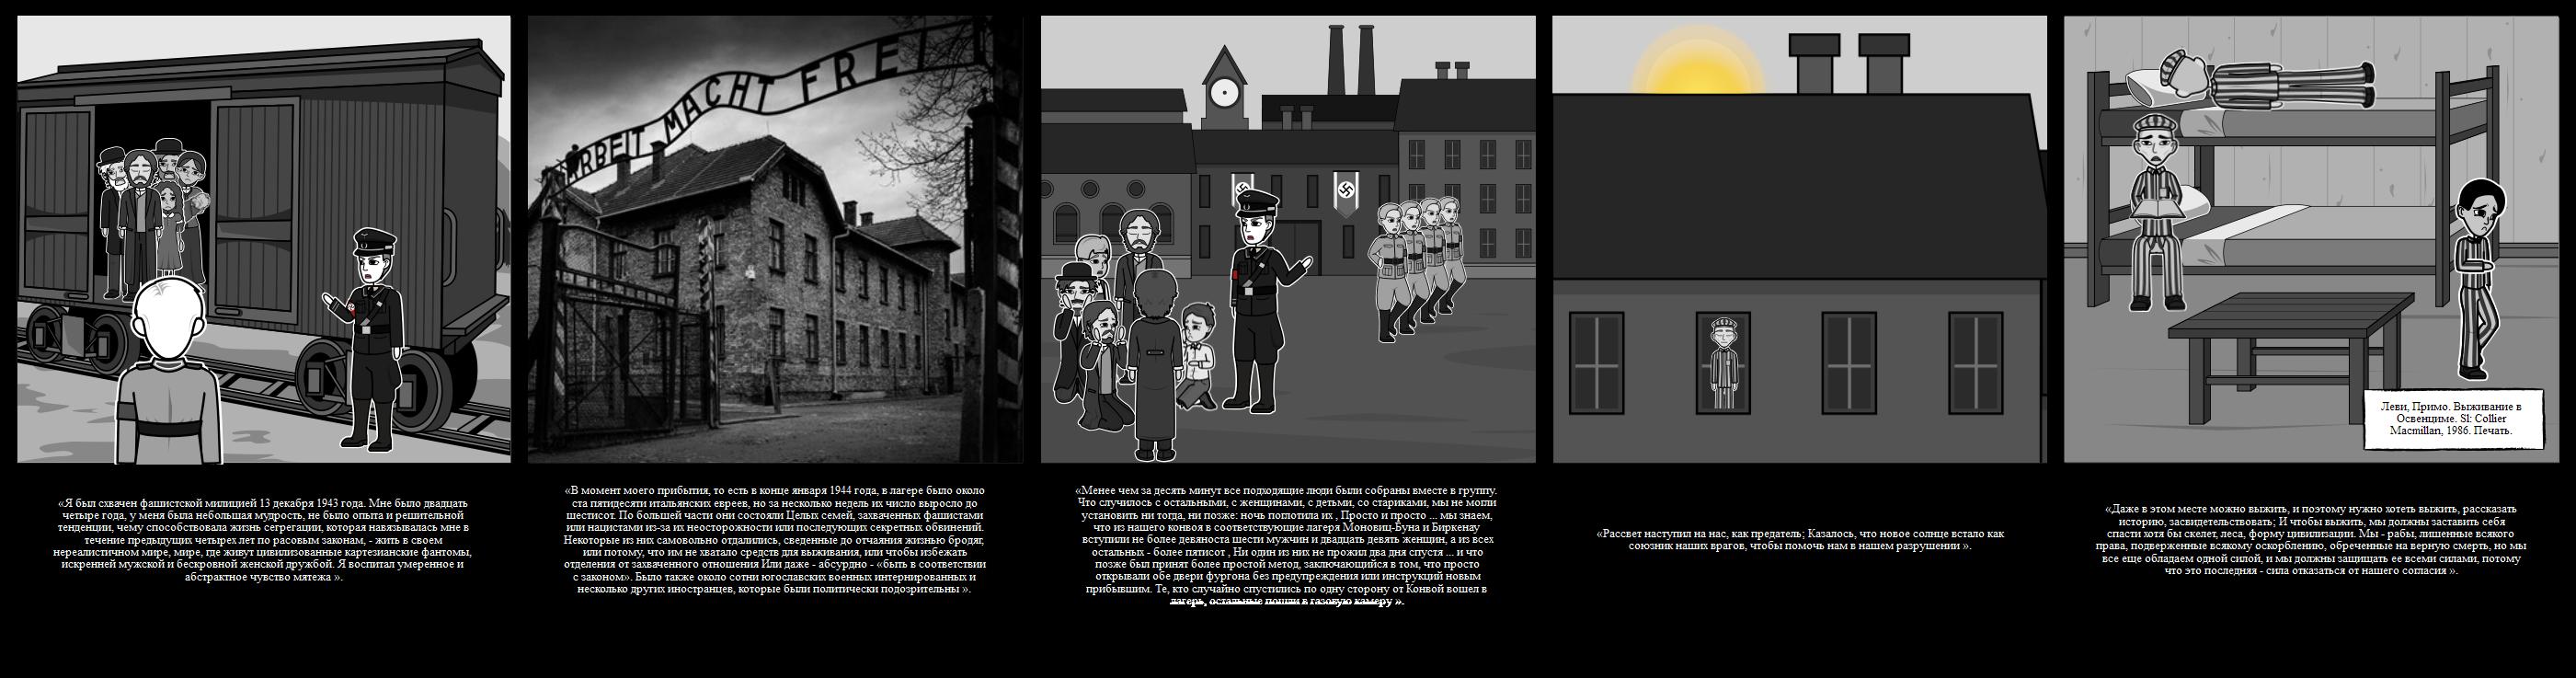 История Холокоста - Жертвы Холокоста: Примо Леви